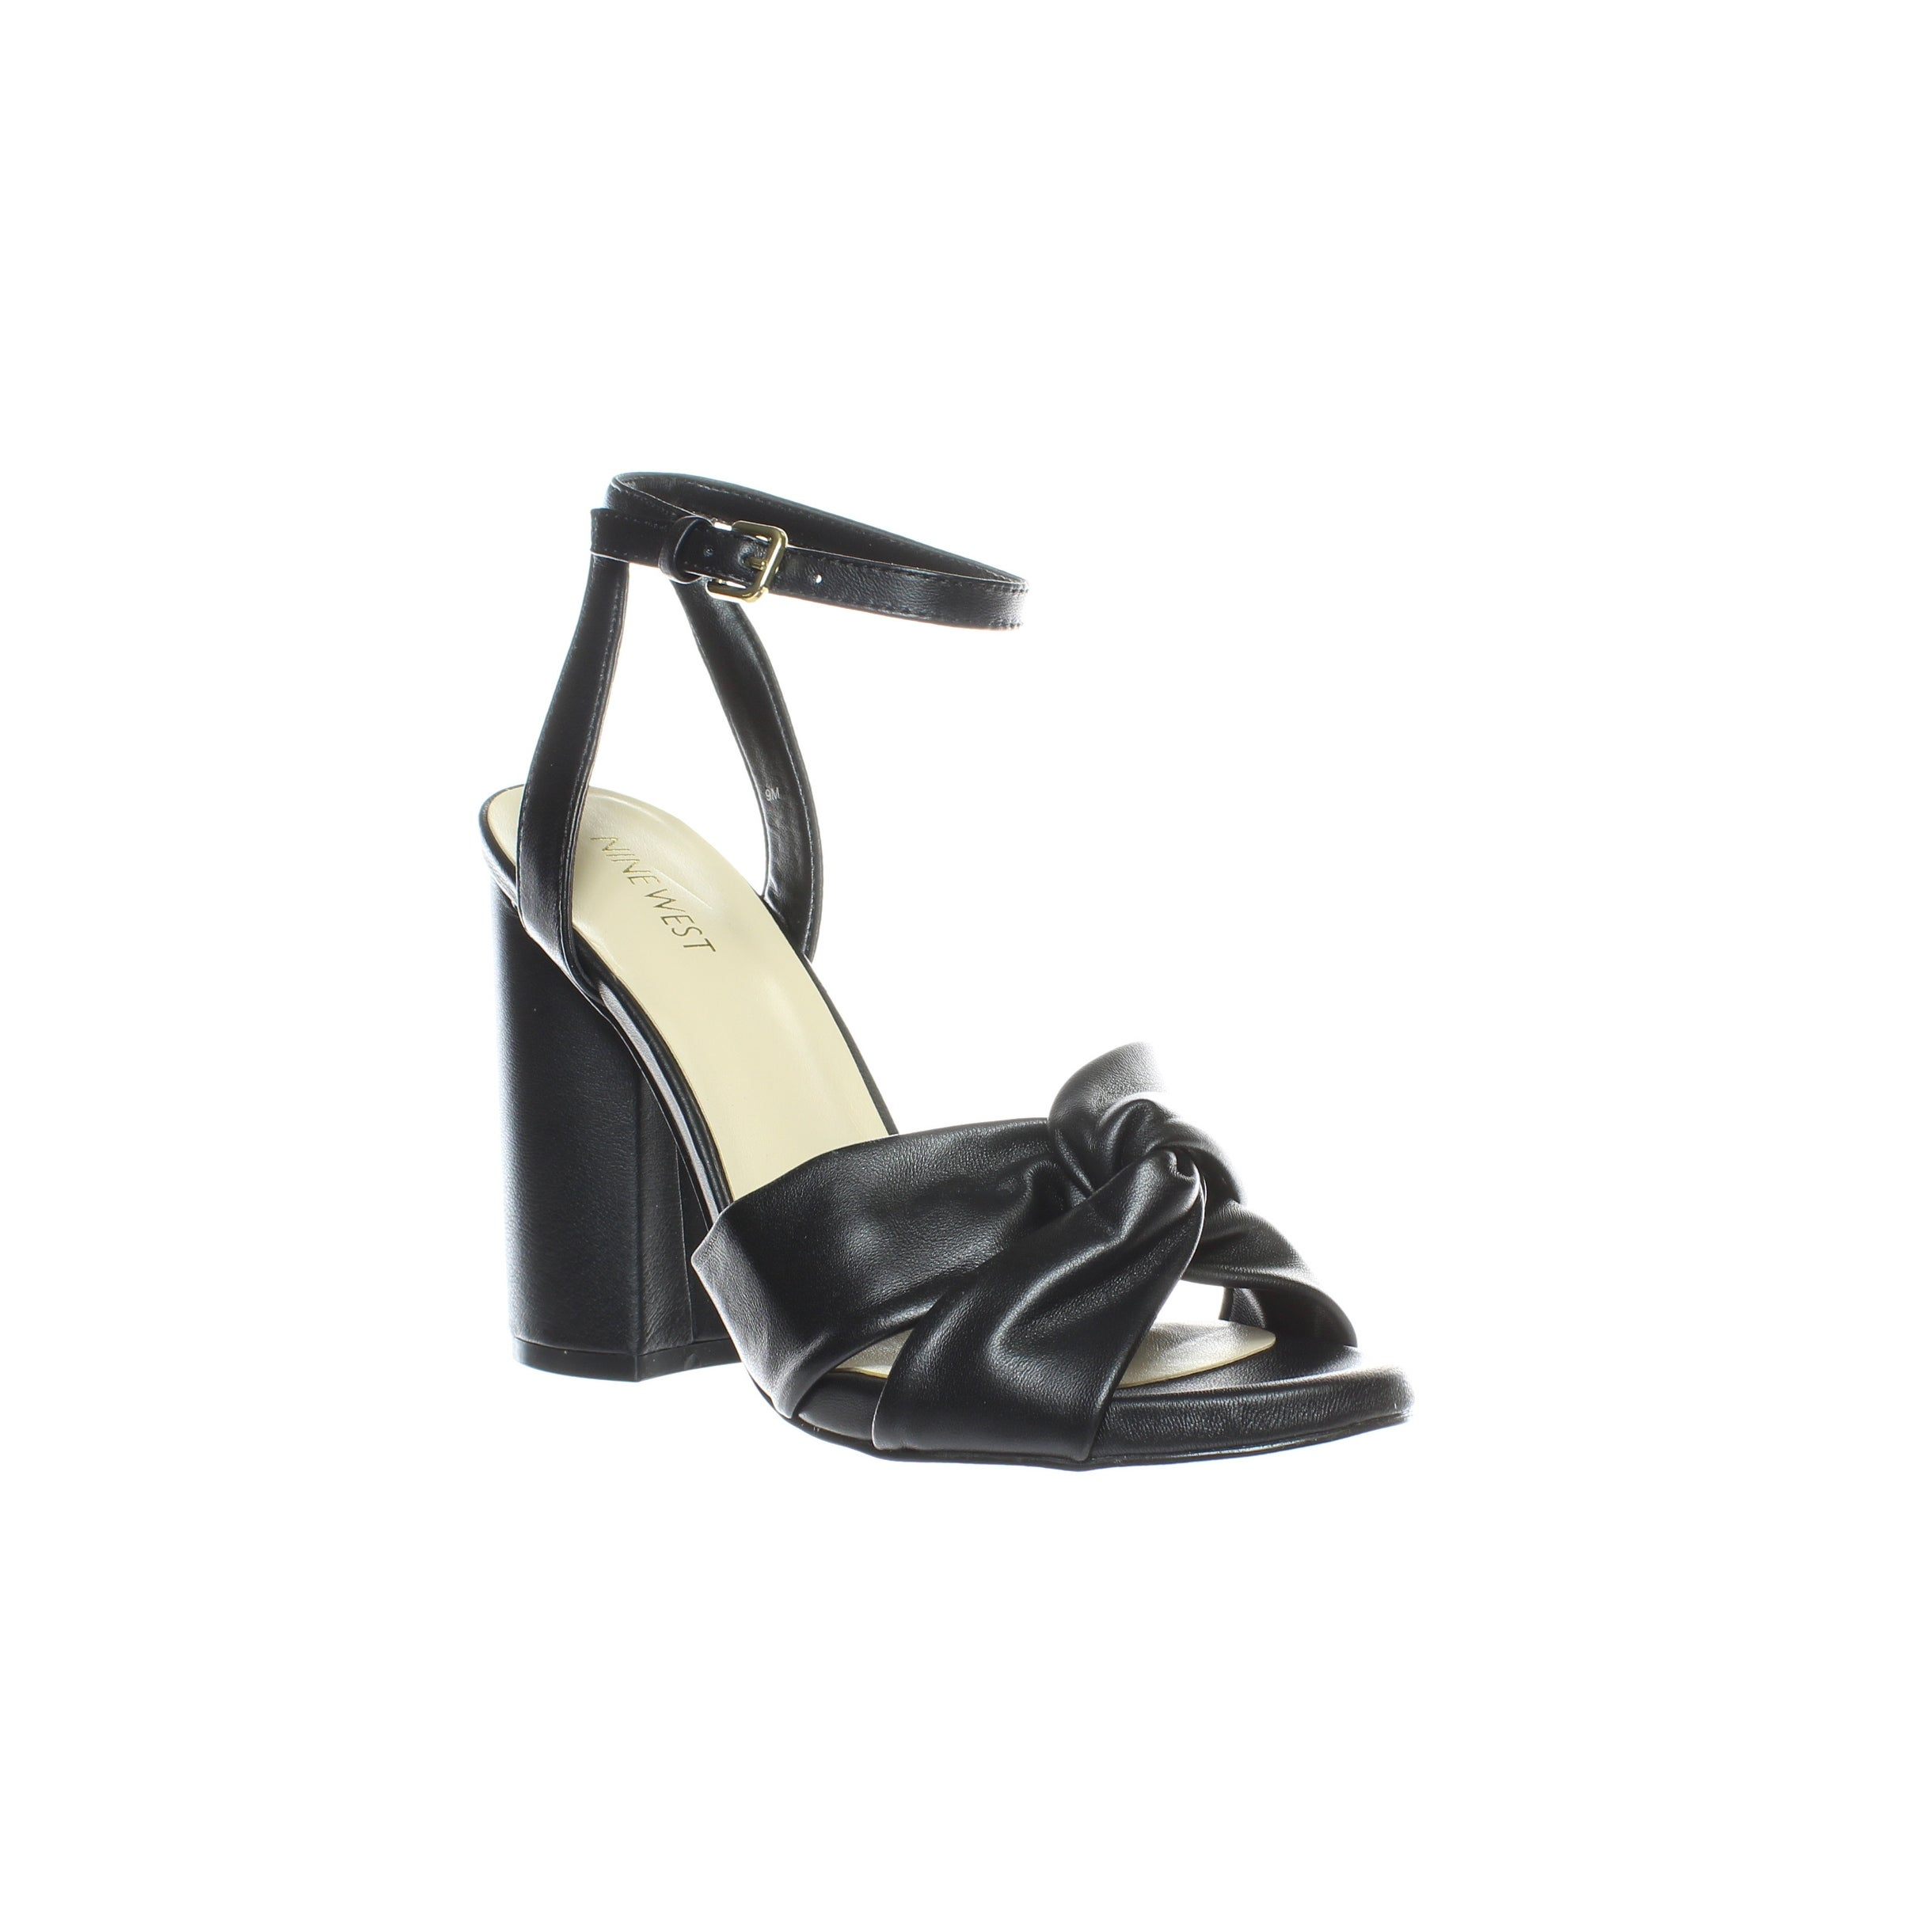 0dc4f020eb Buy Nine West Women's Heels Online at Overstock | Our Best Women's Shoes  Deals